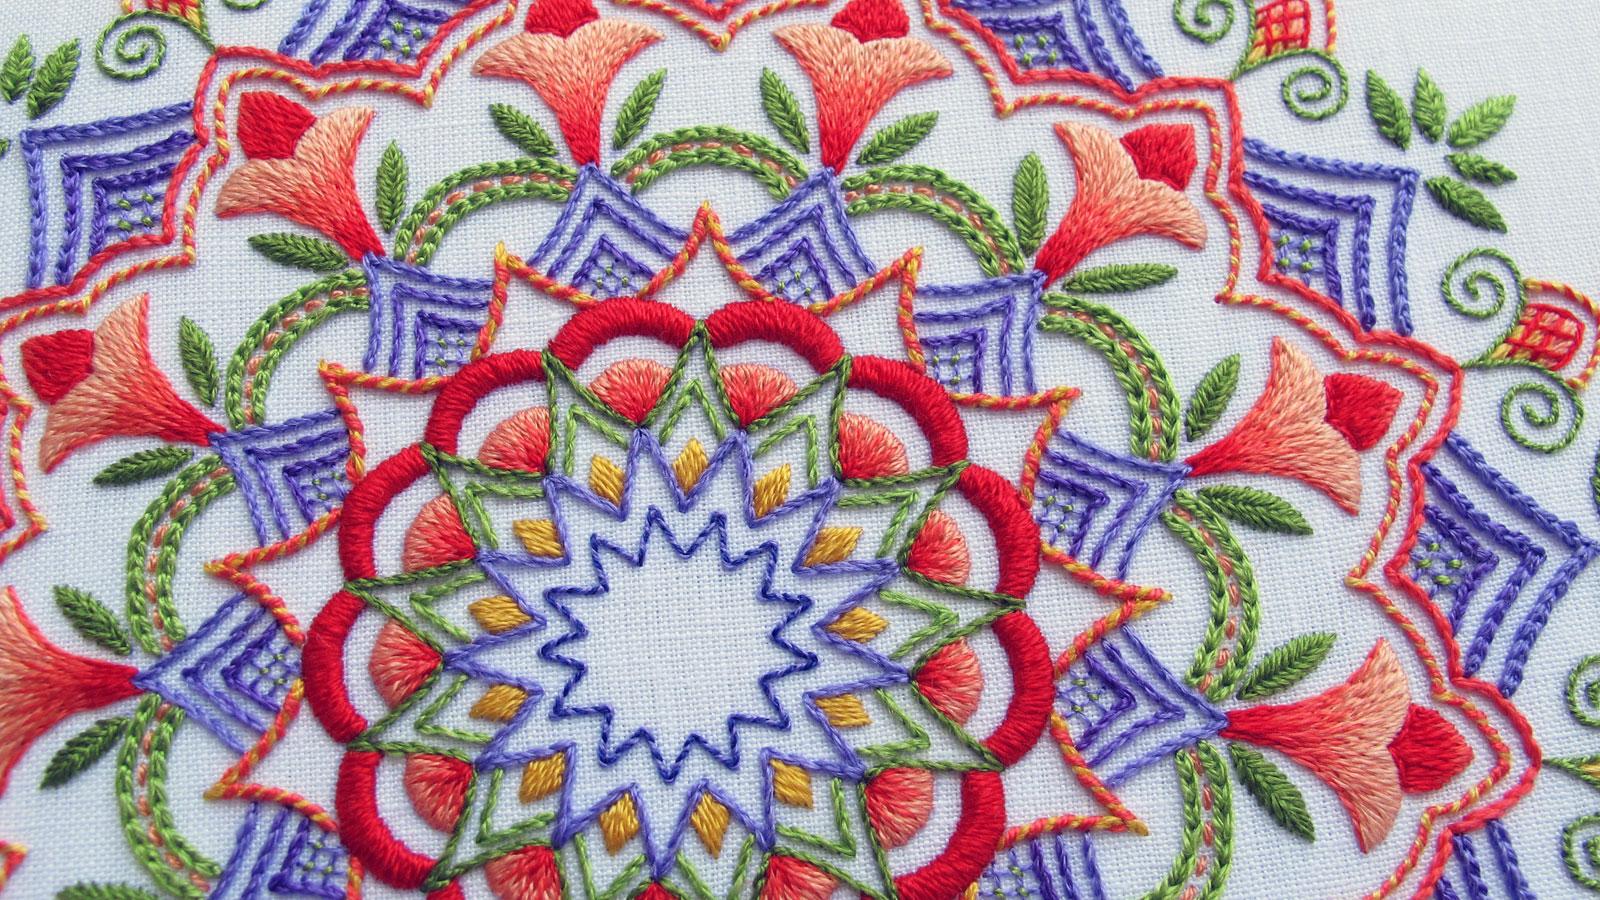 「エンブロイダリー」とはどういう意味?英語で「Embroidery」と記述するとの事。